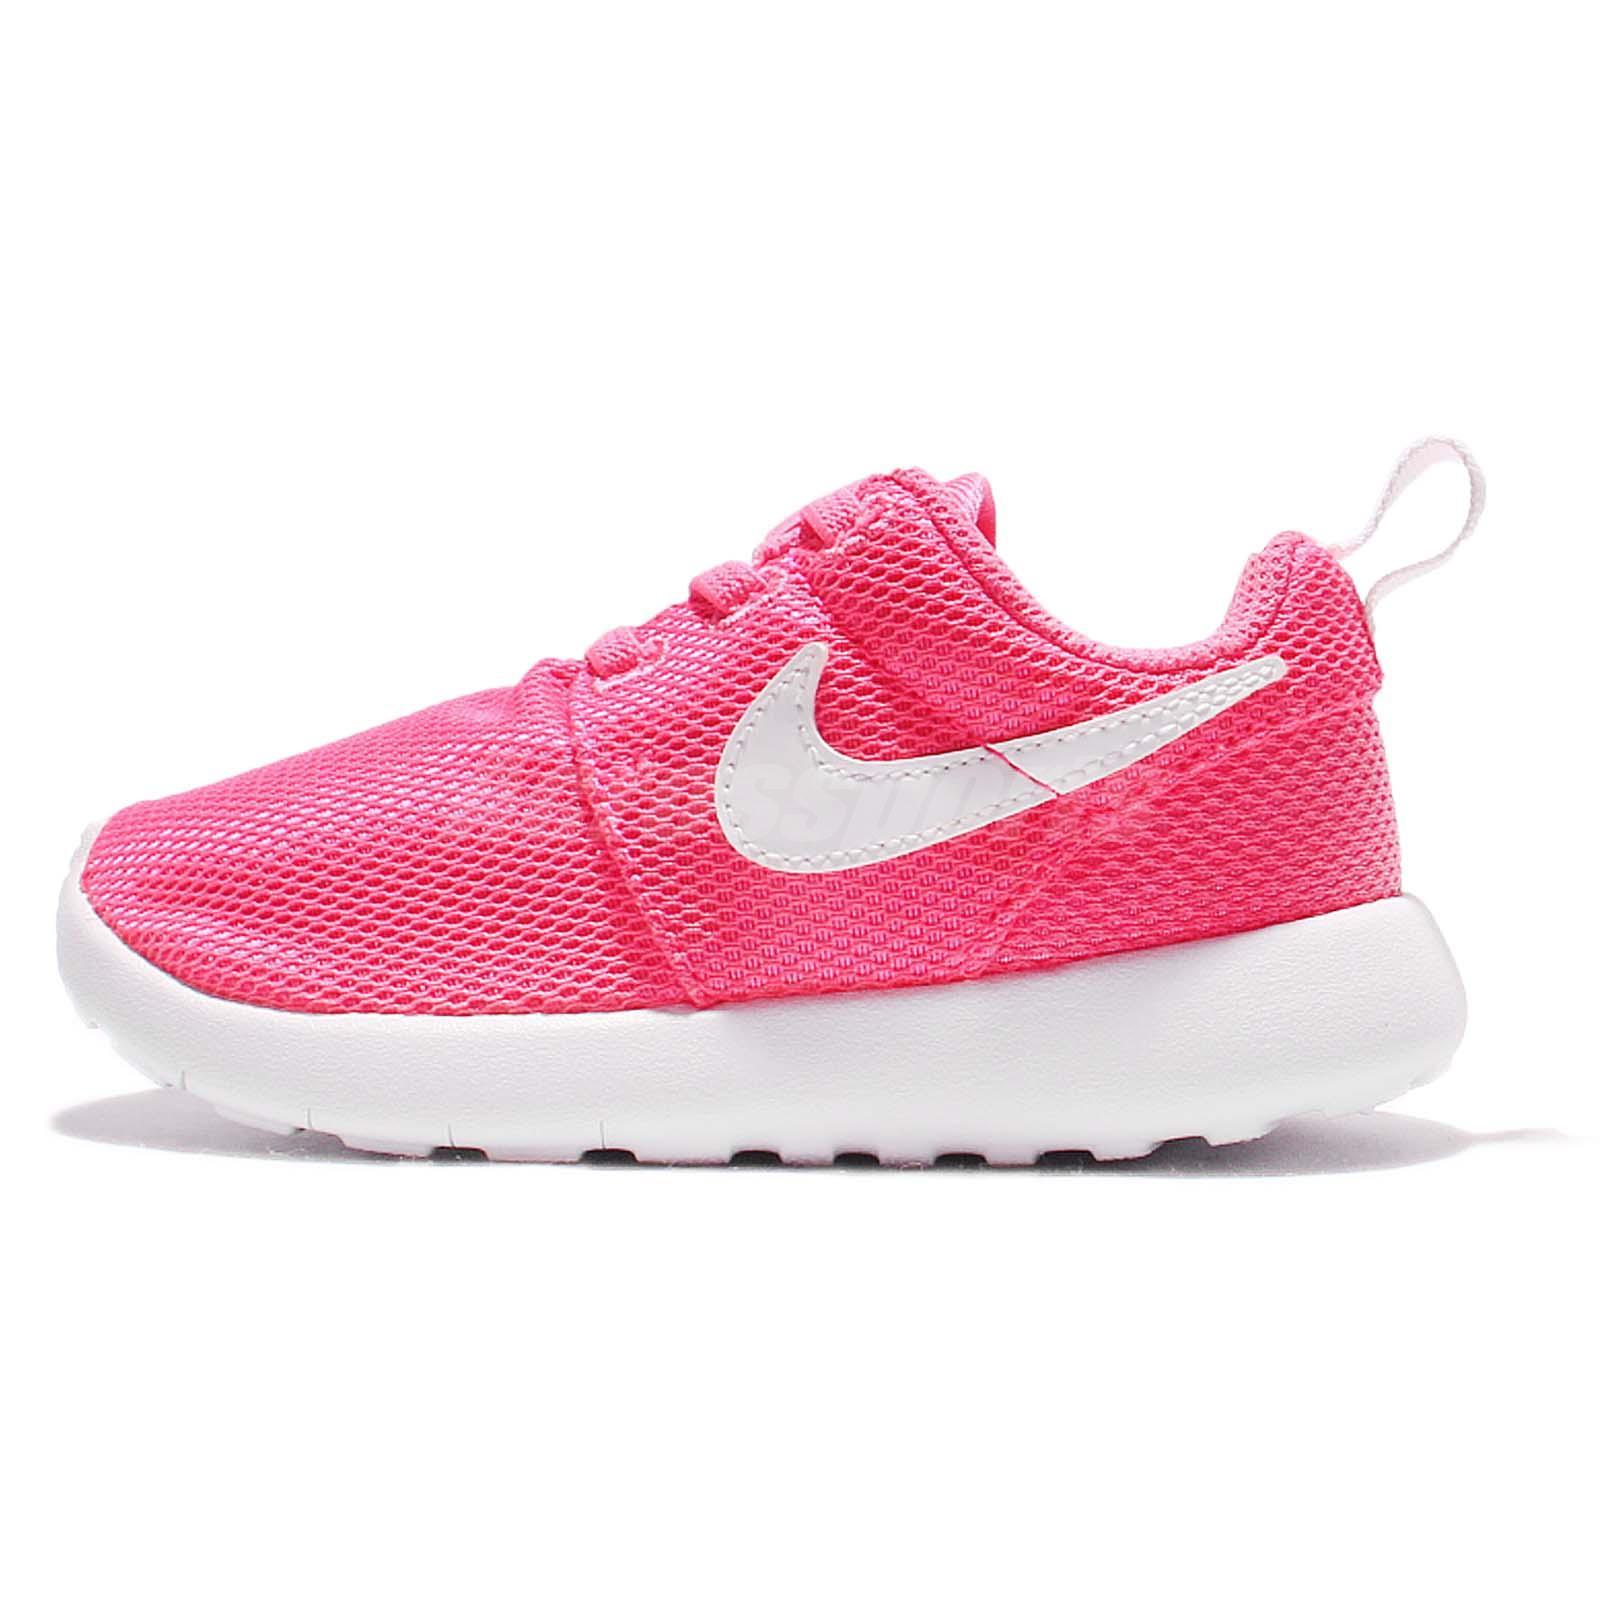 nike roshe one tdv pink white toddler baby running shoes